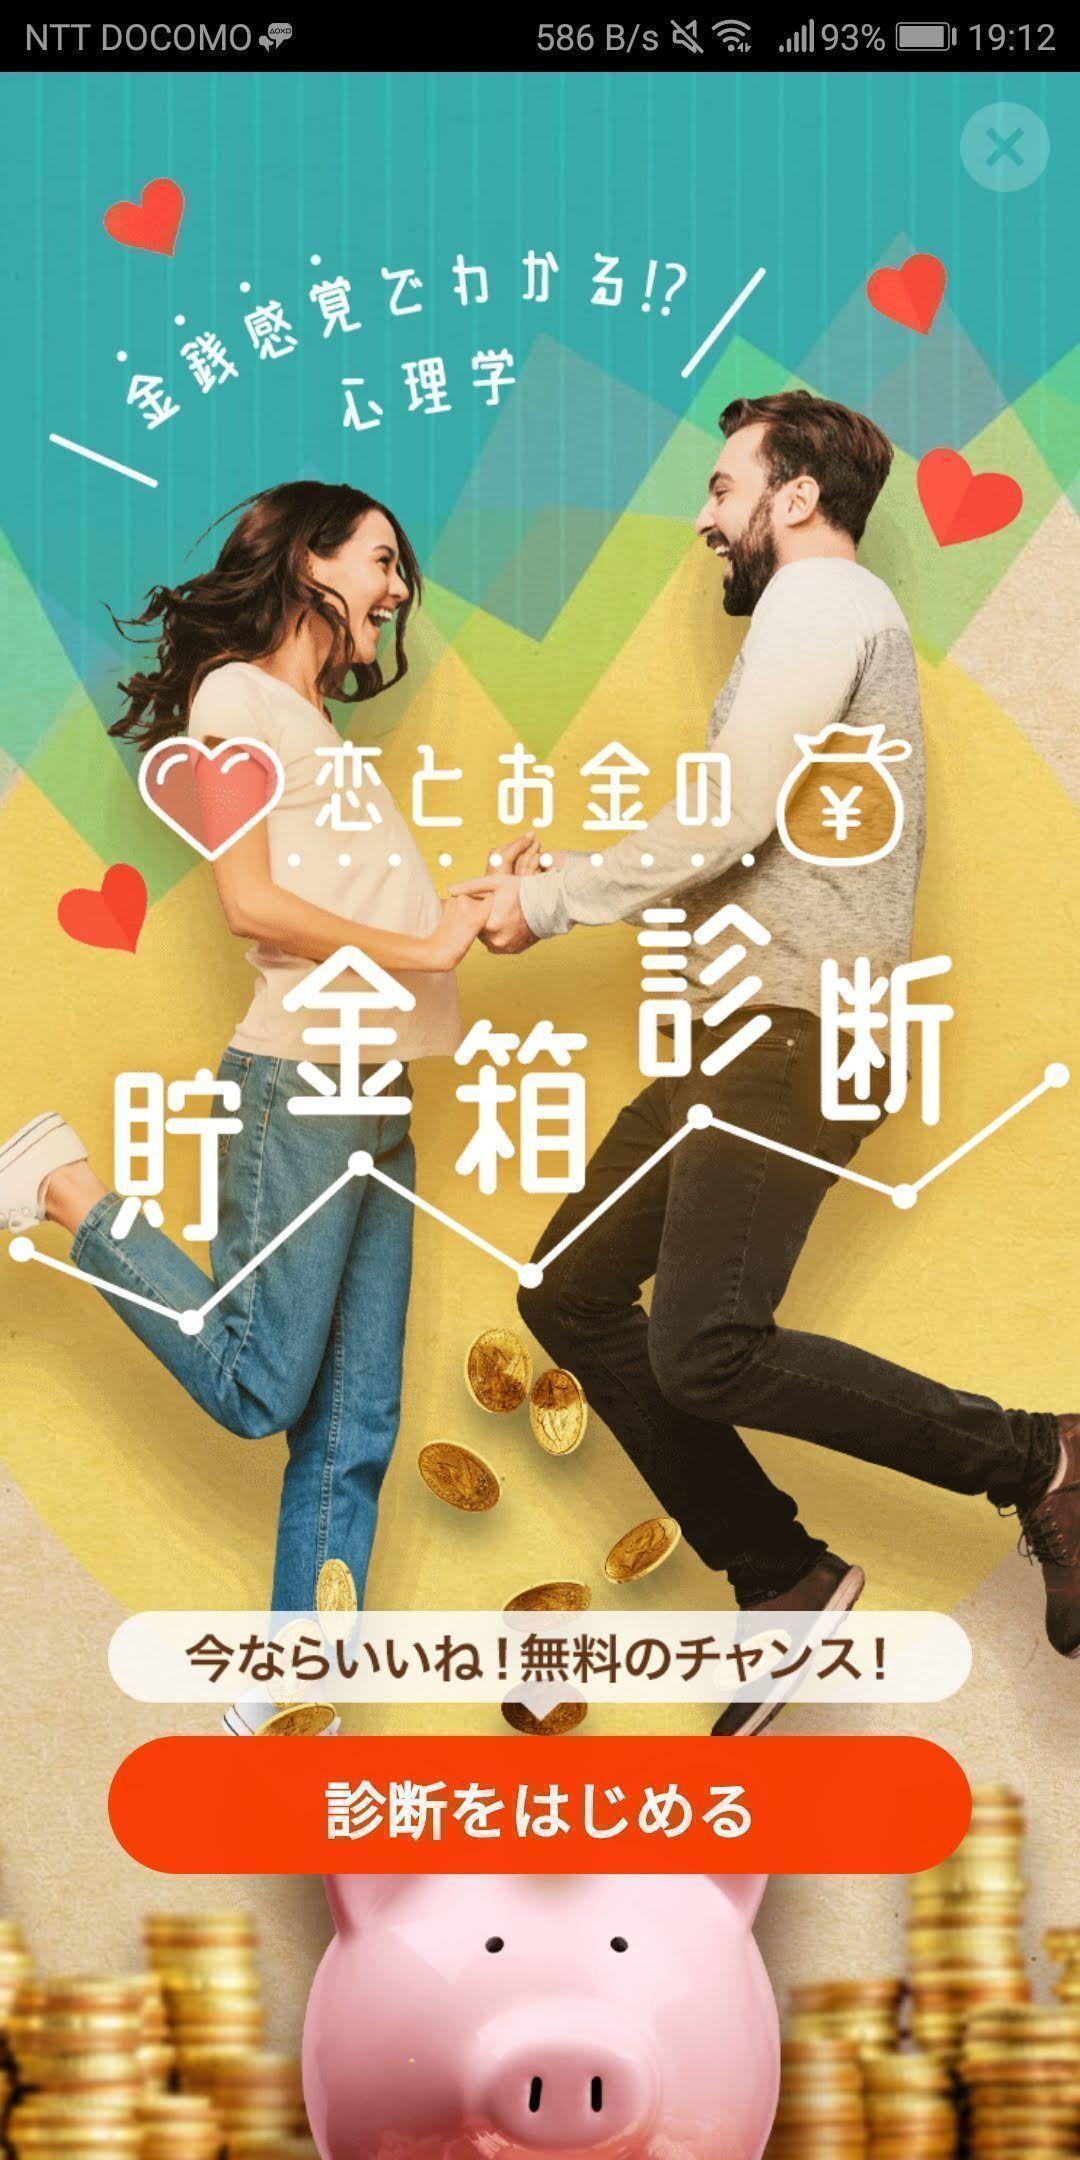 マッチングアプリ 第2位 with